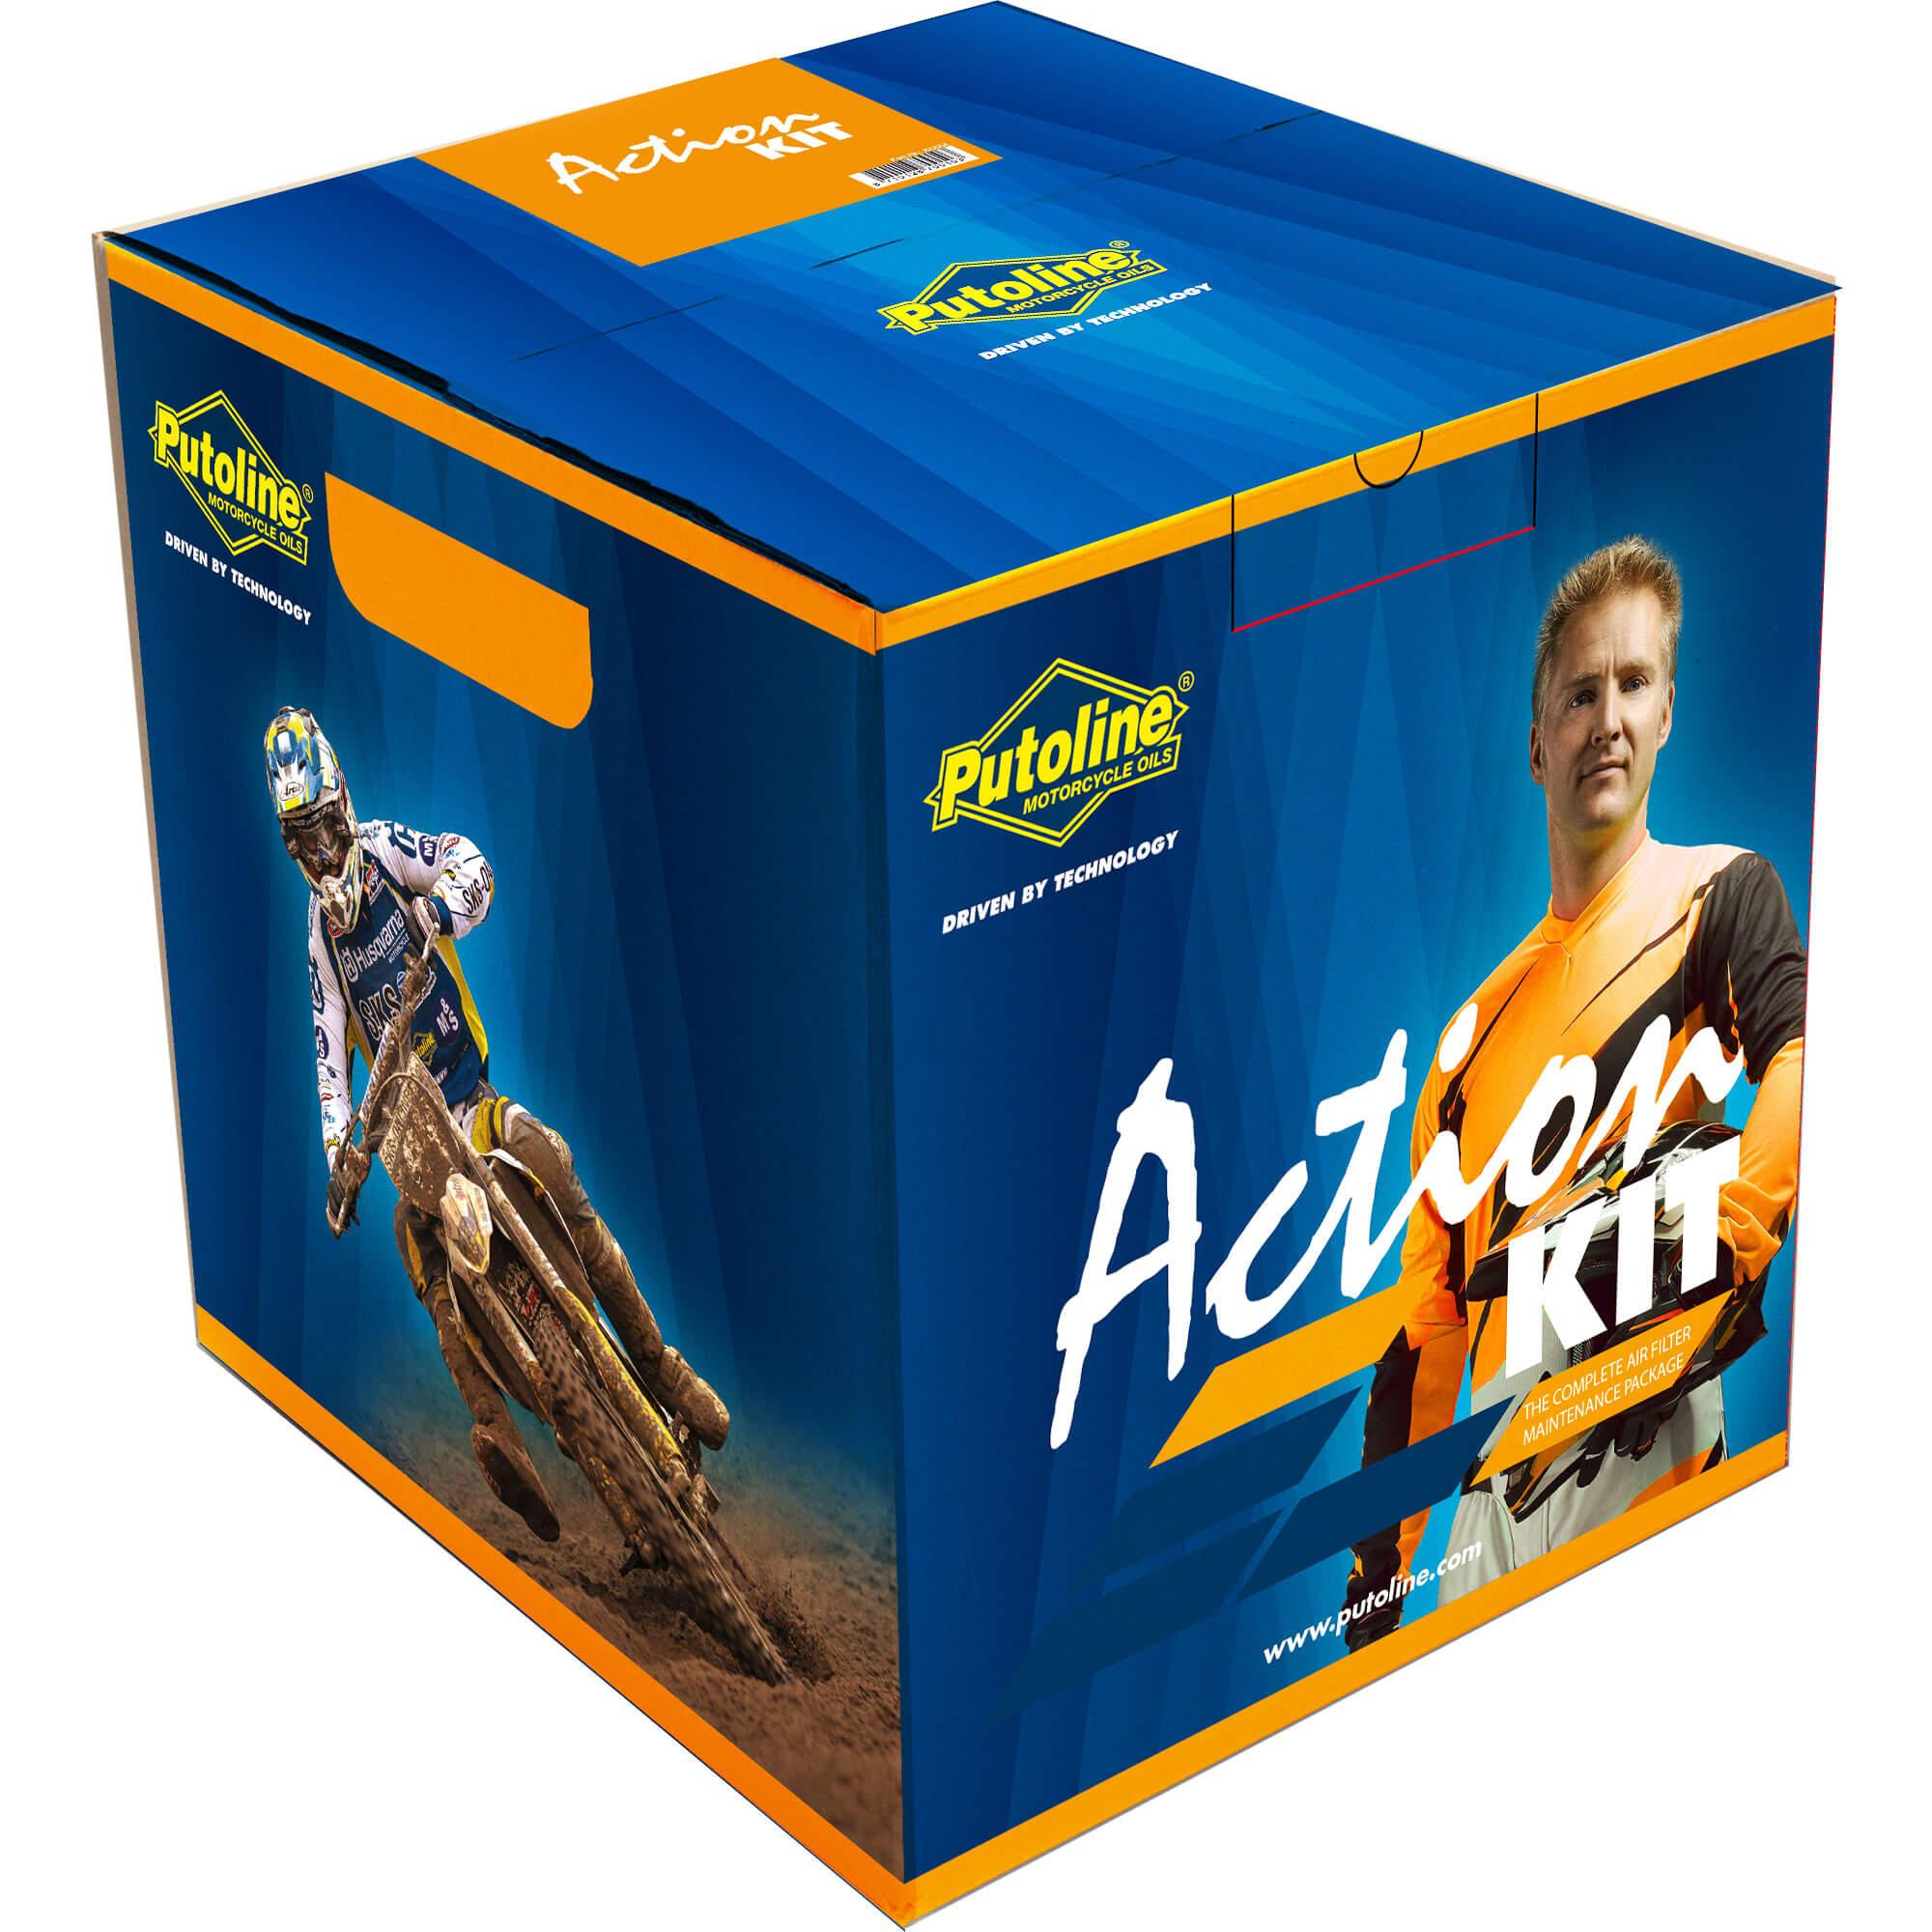 Entretien filtre à air Putoline Action Kit